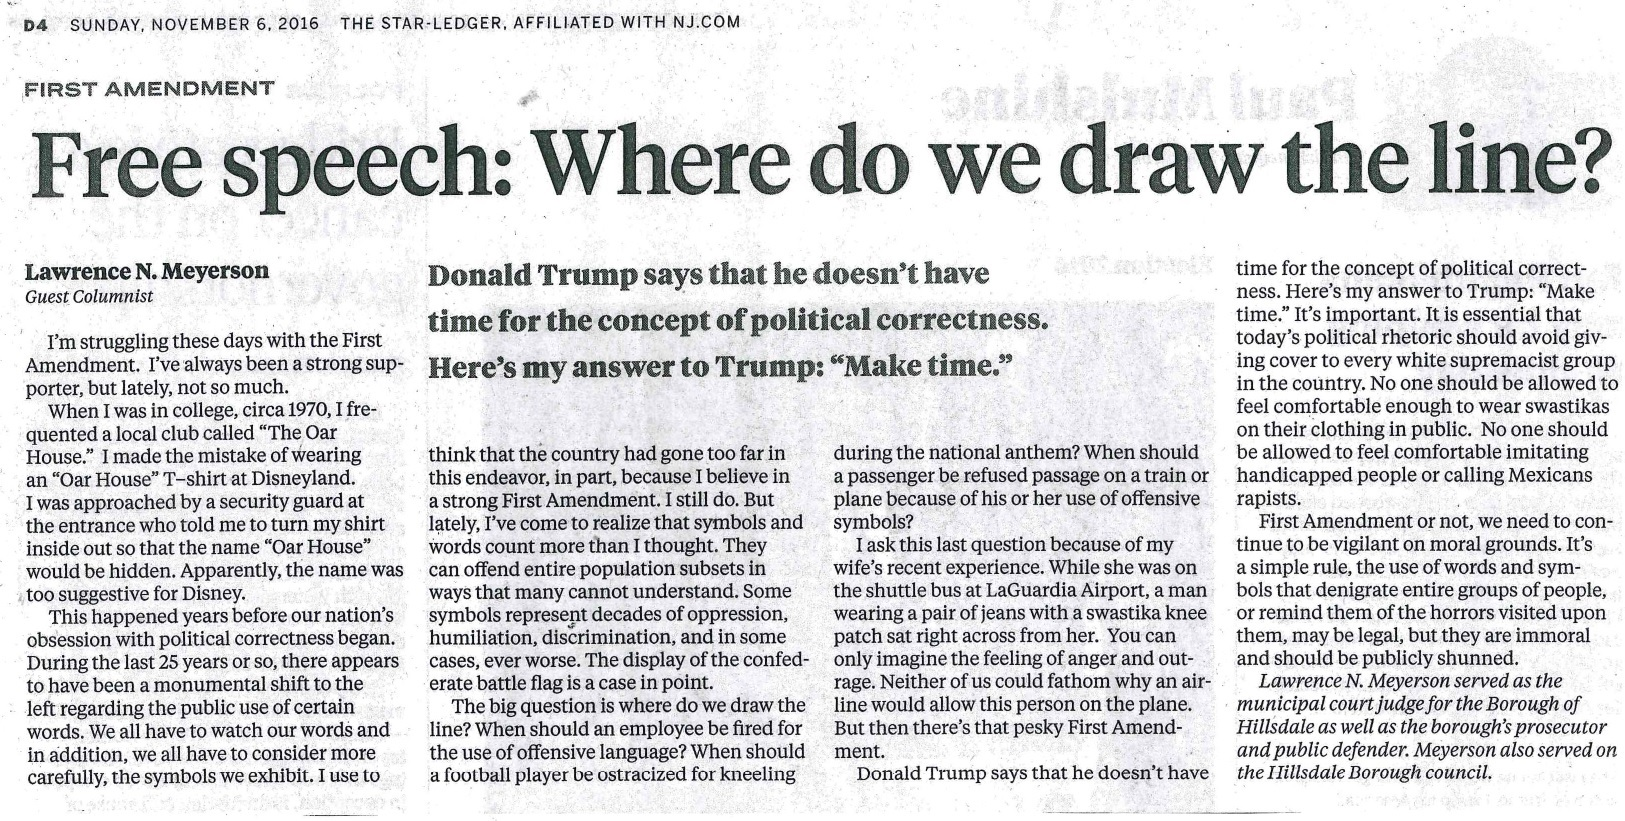 free-speech-where-do-we-draw-the-line